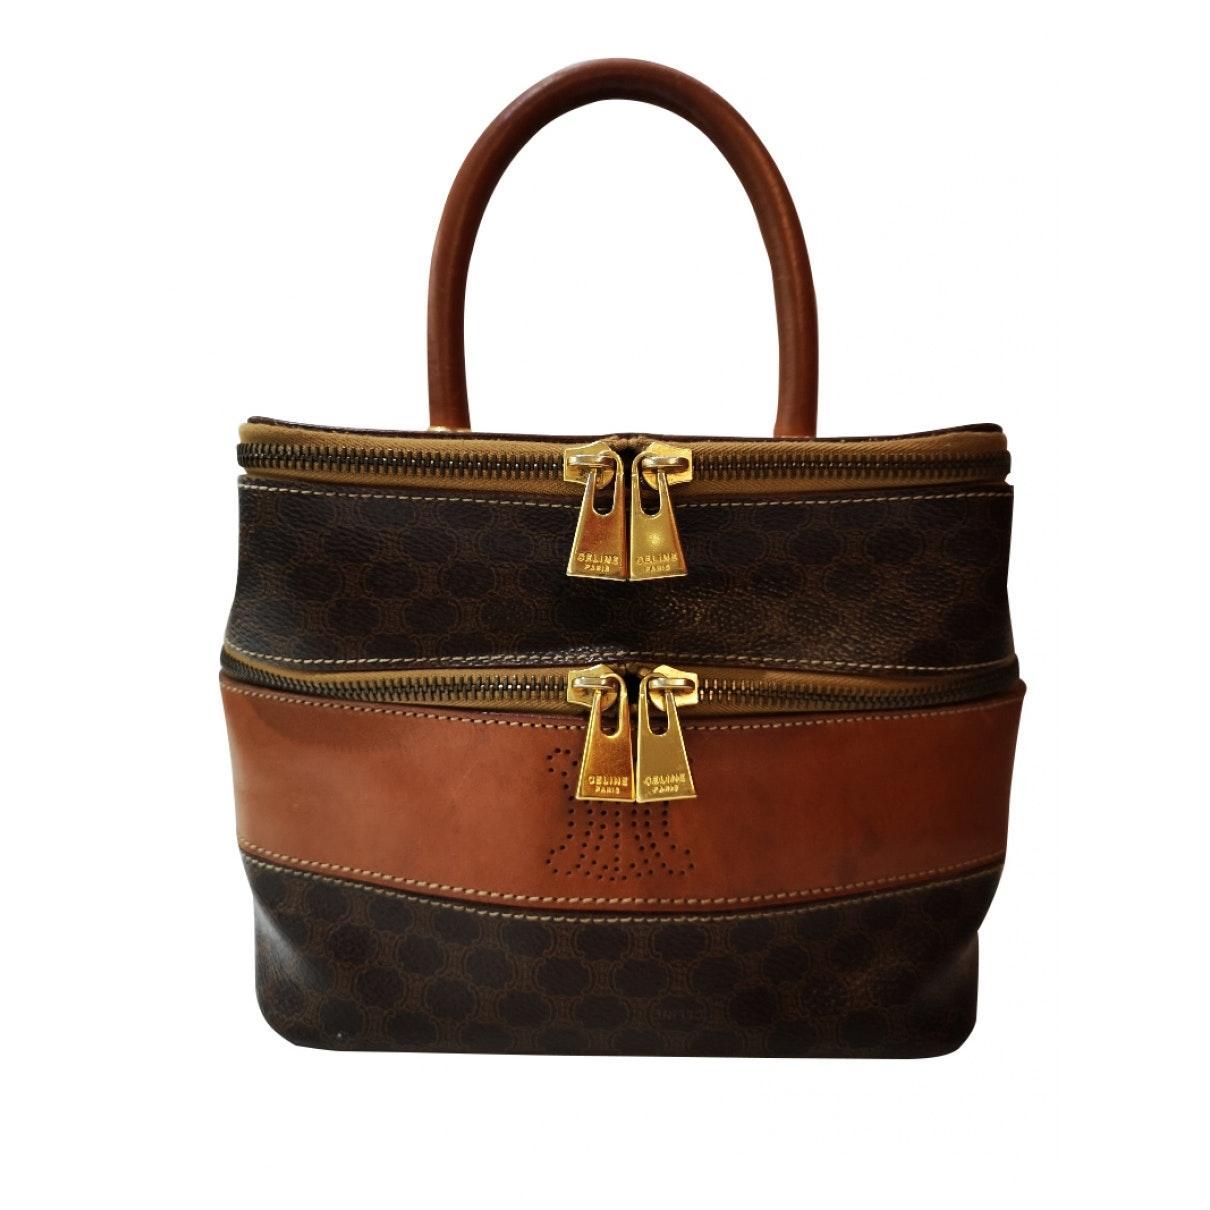 Celine Leder Leder Handtaschen in Braun CTmNG